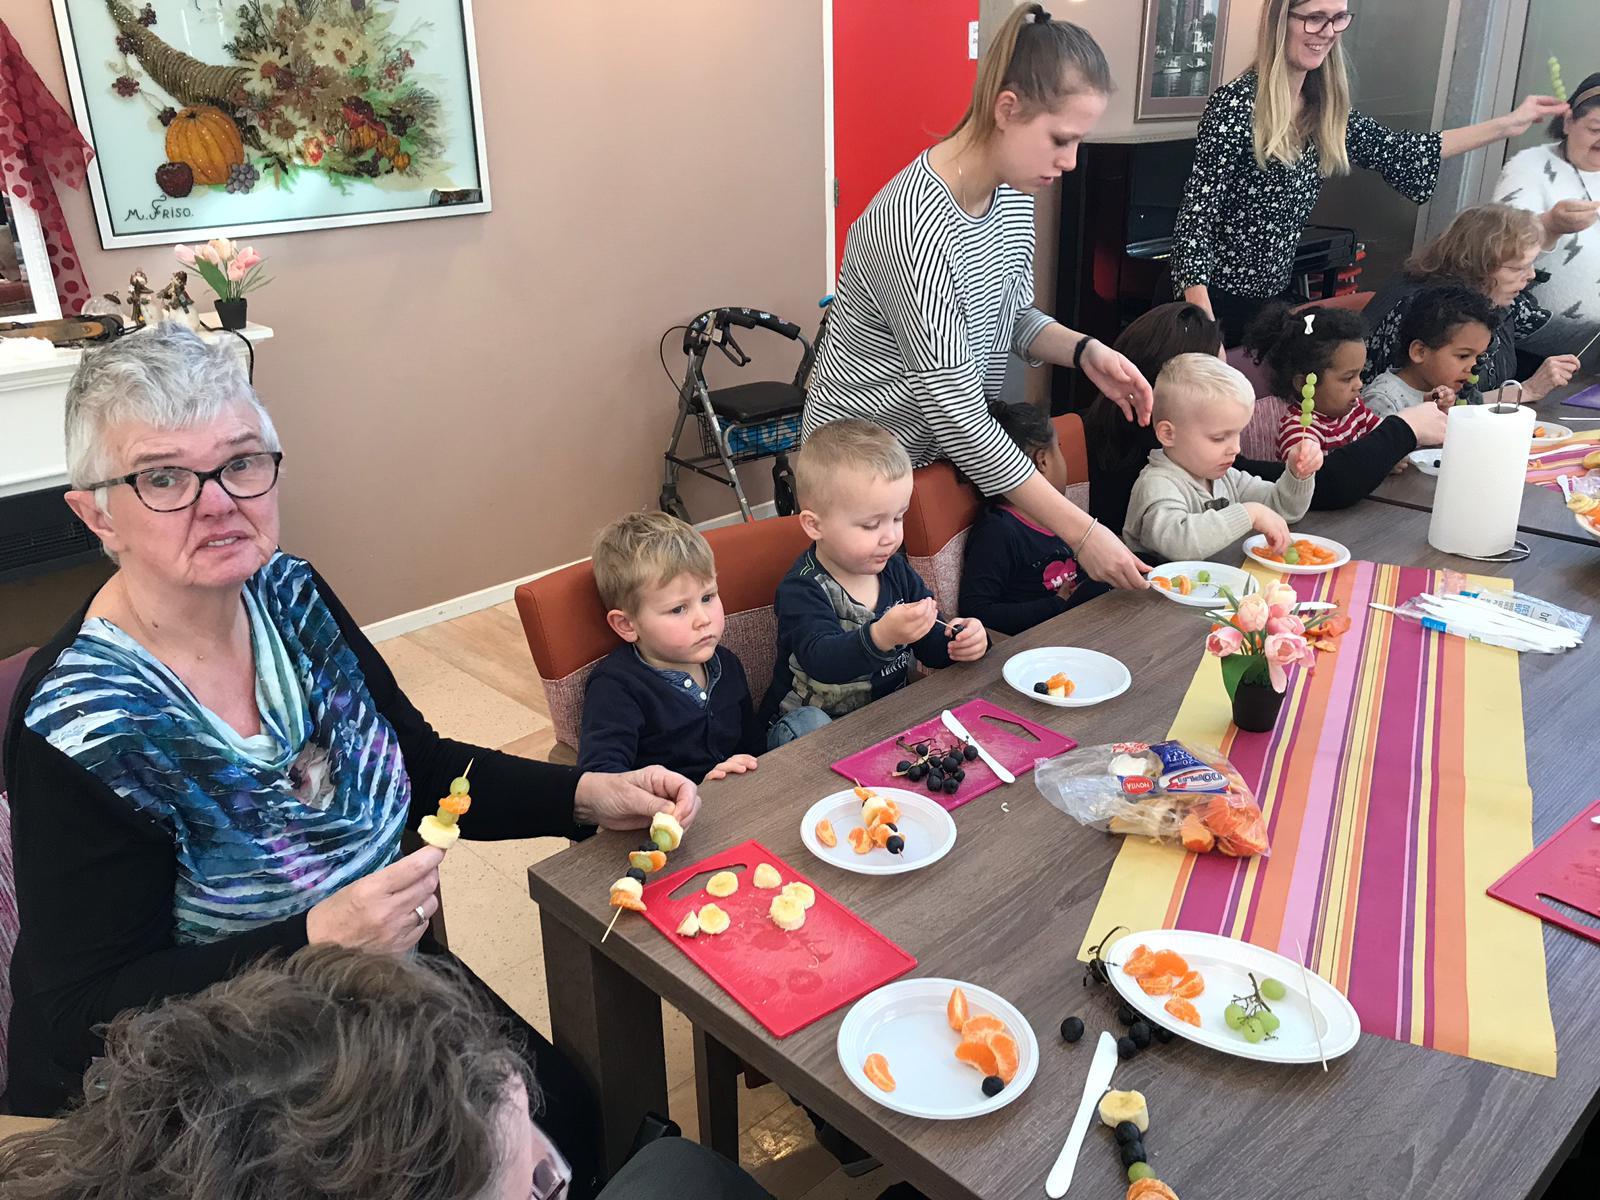 Kinderopvang ouderen samen spelen gezond